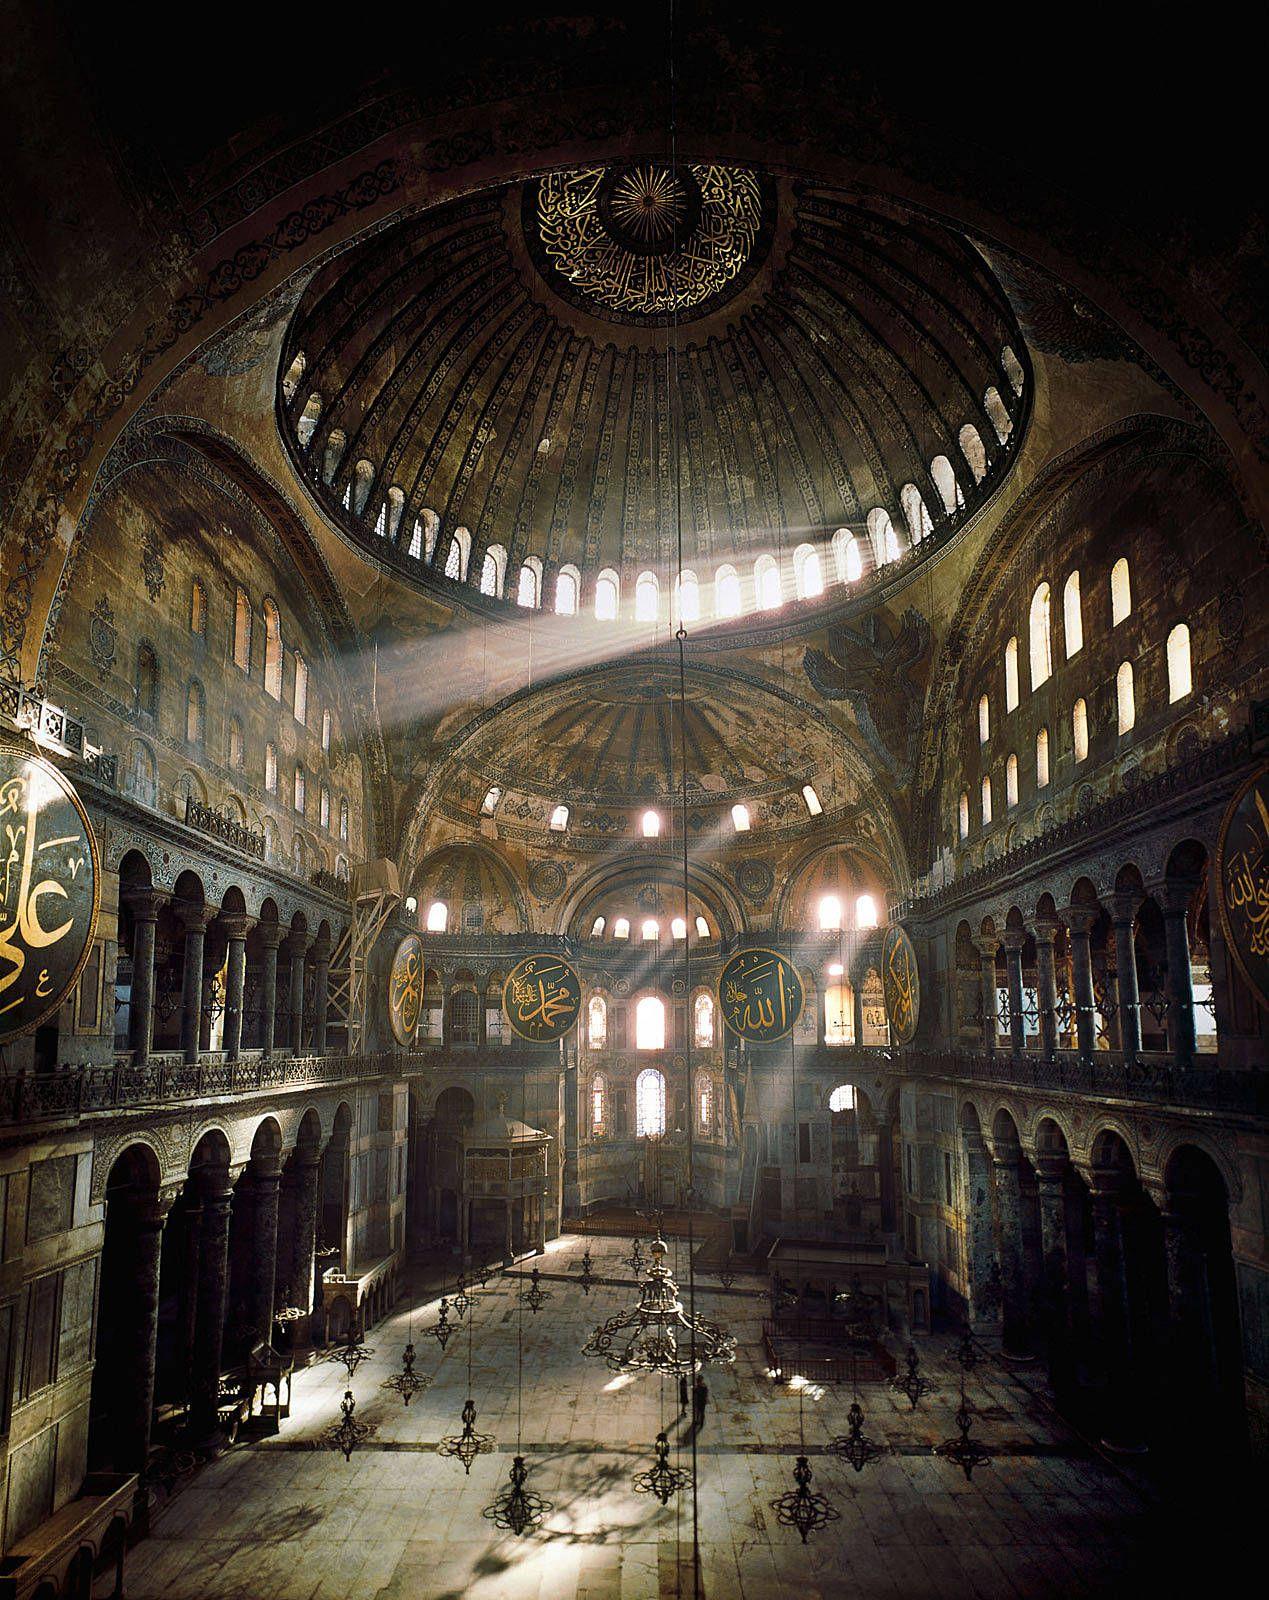 Храм Святой Софии в Константинополе. Греки понимали пространство как космос, и умели организовать пространство в смысловую и эстетическую действительность.